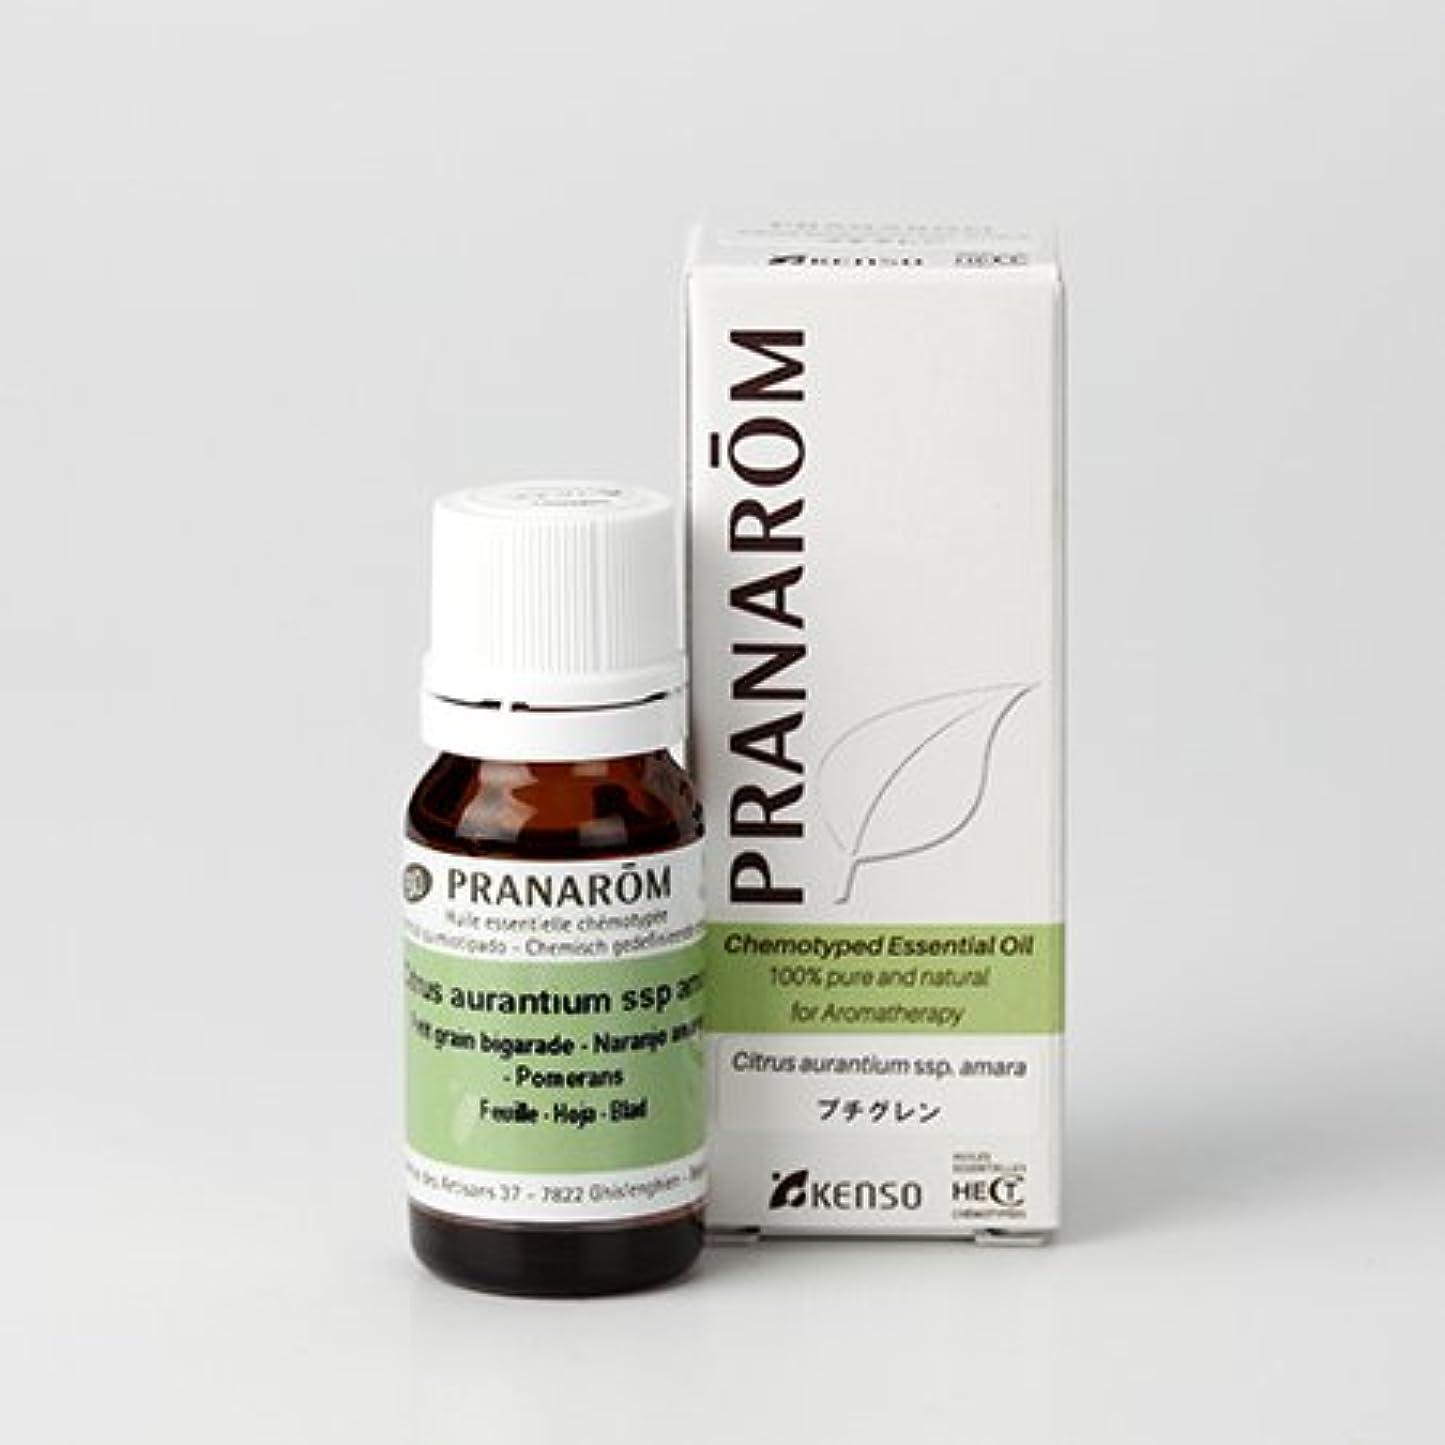 調和契約した含める【プチグレン 10ml】→ビターオレンジの葉から抽出した、フレッシュで爽やかな香り?(リフレッシュハーブ系)[PRANAROM(プラナロム)精油/アロマオイル/エッセンシャルオイル]P-38